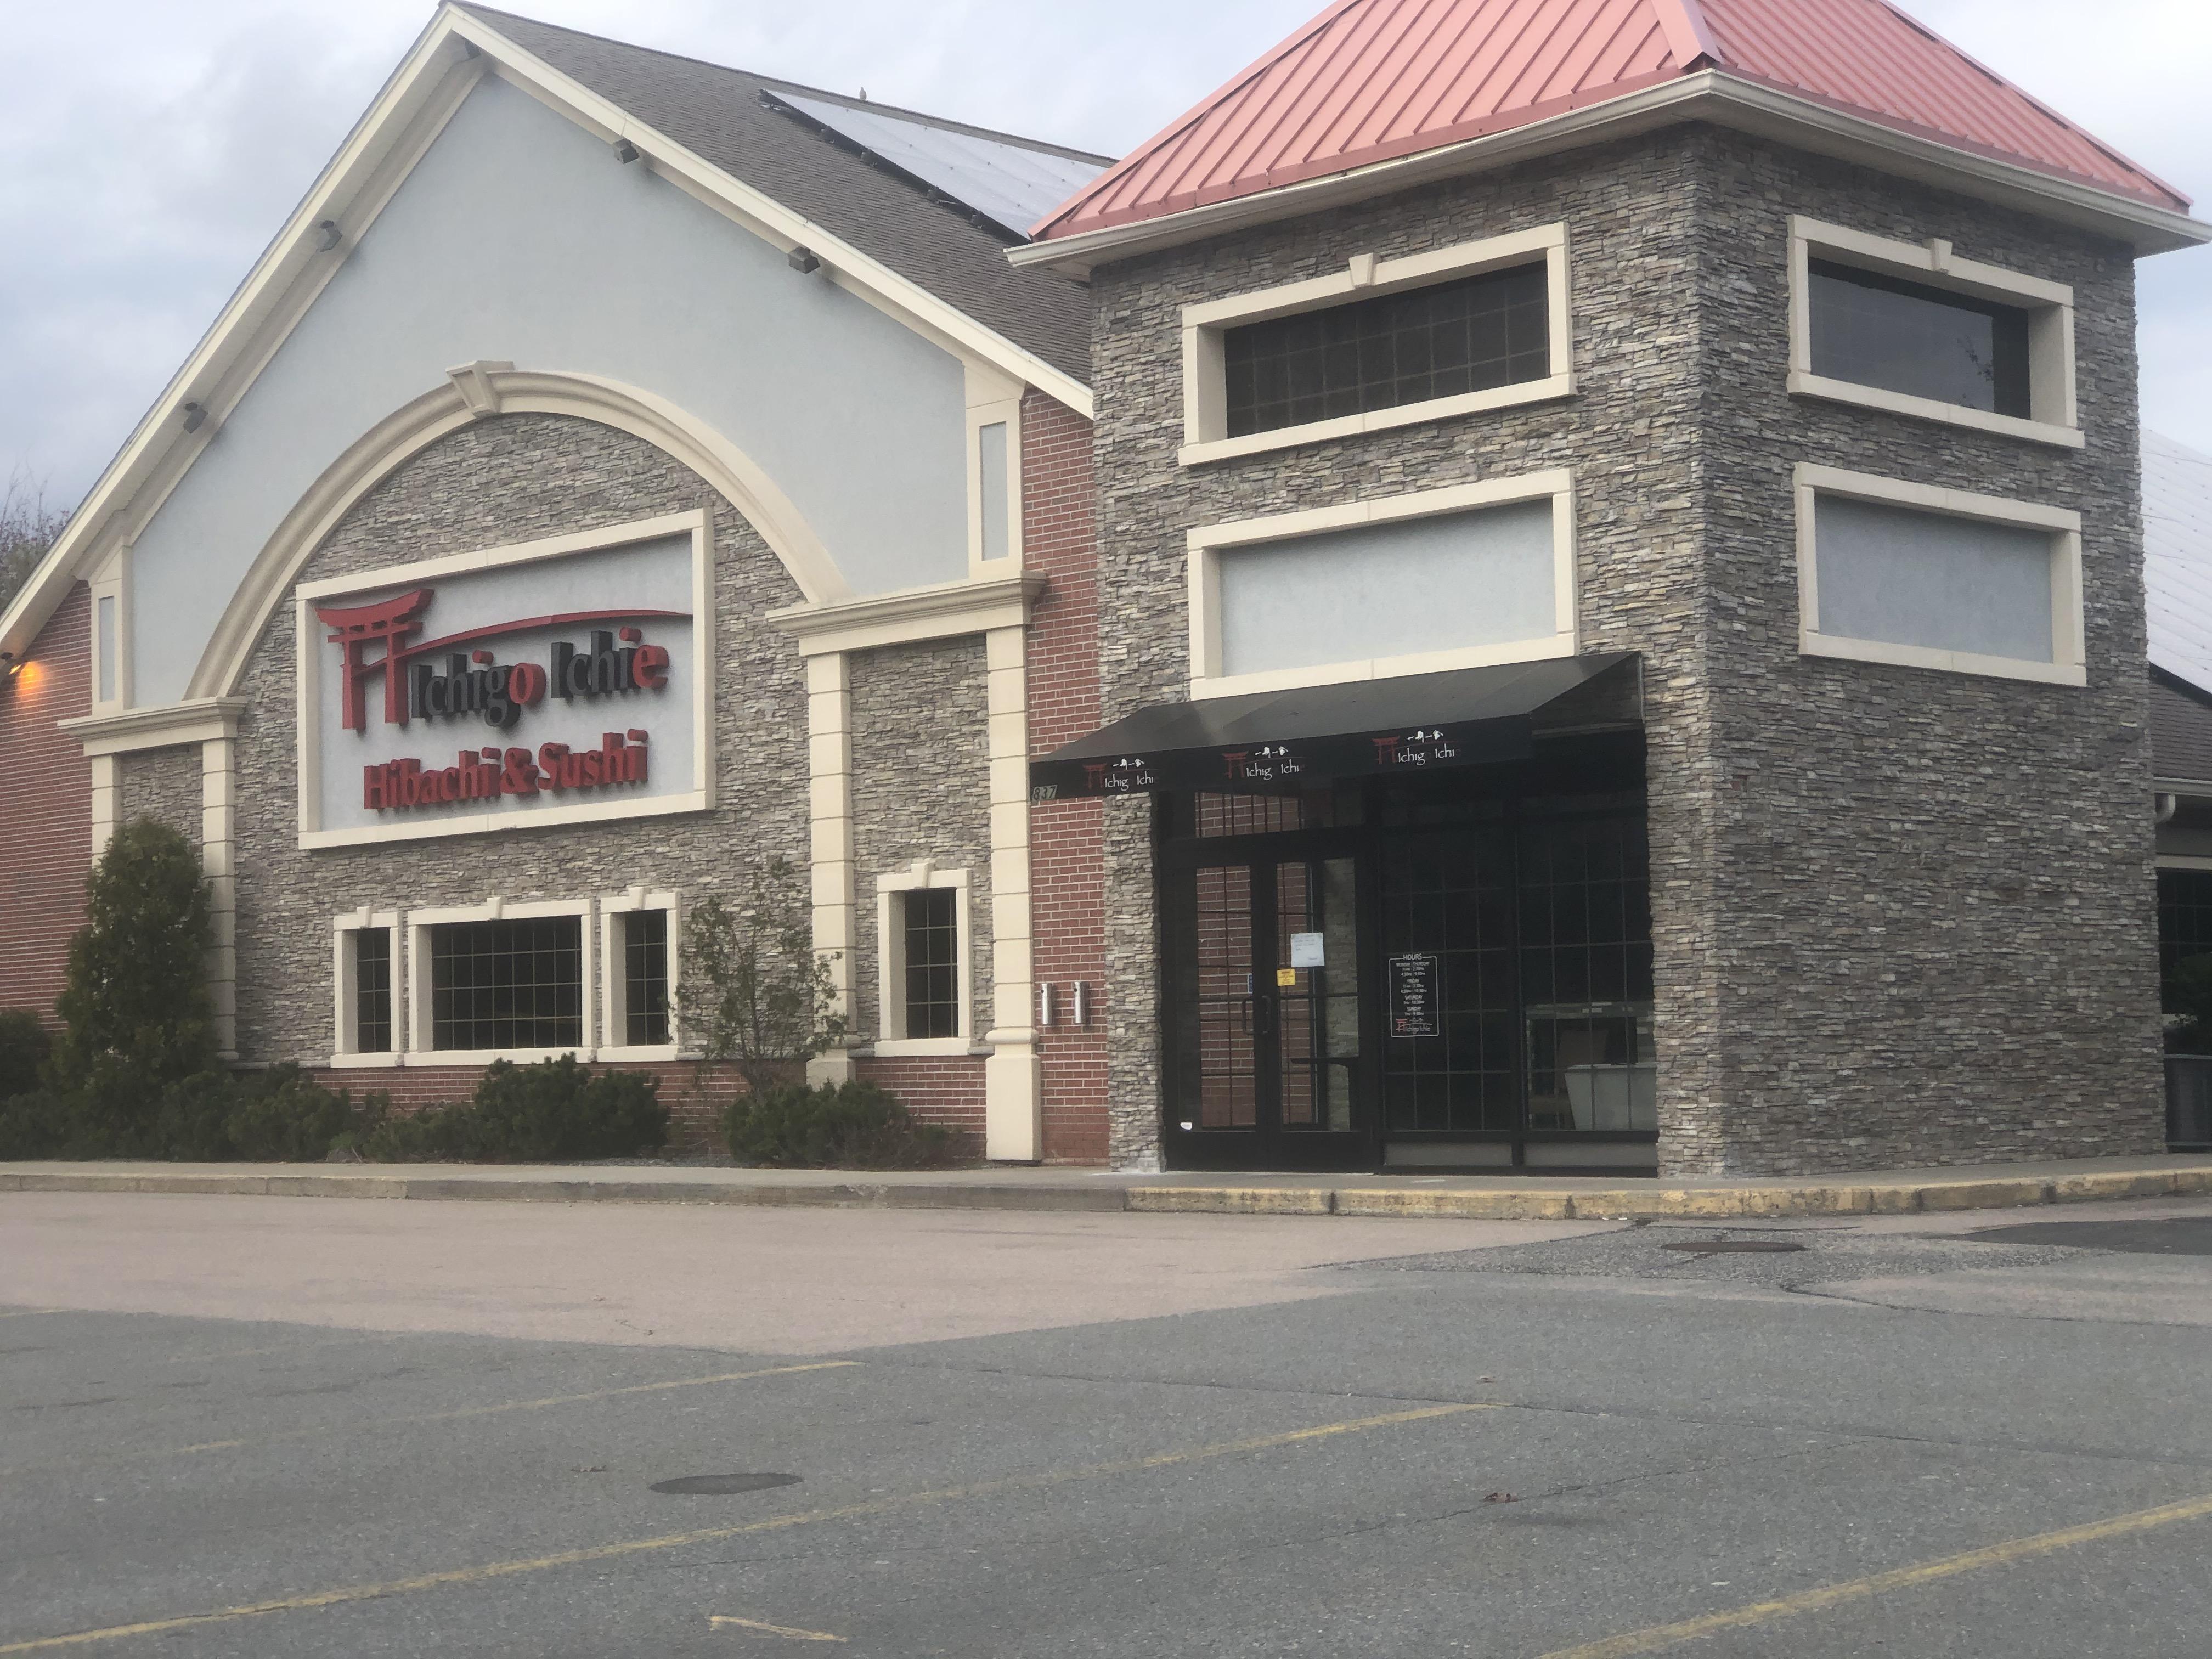 Franklin MA Ichiego Ichie Restaurant